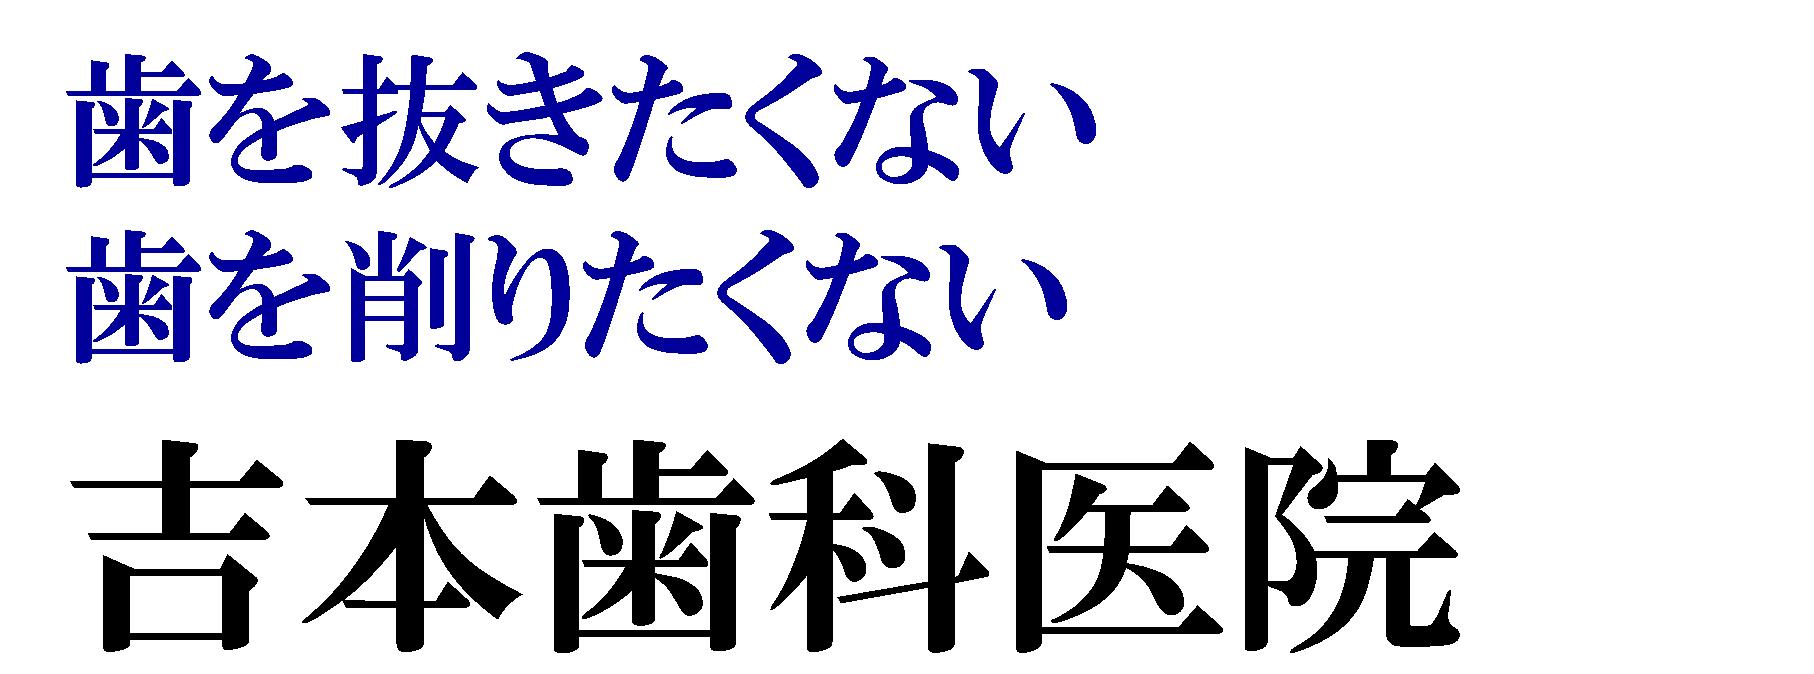 噛めないお悩み専門歯科|香川県高松市の吉本歯科医院 愛媛県 新居浜市 西条市 四国中央市よりお越しになられています。